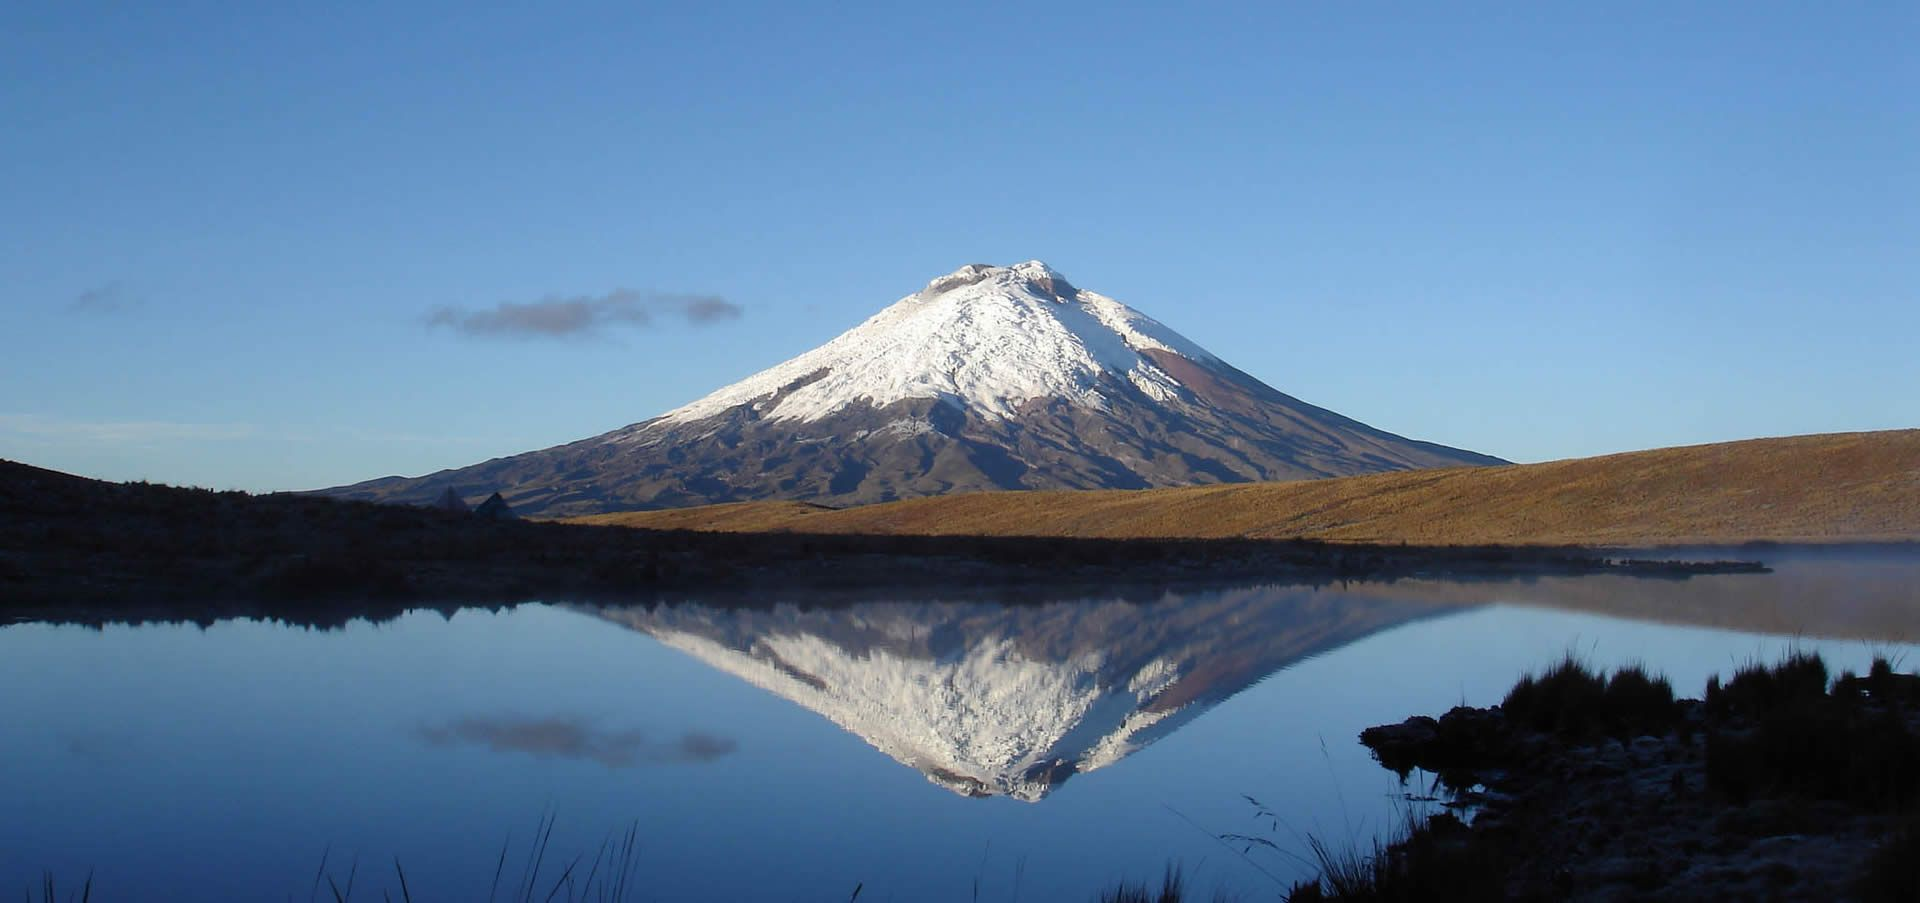 Der Cotopaxi ist mit seinen 5.897m der zweithöchste Berg Ecuadors und der höchste freistehende aktive Vulkan der Welt.